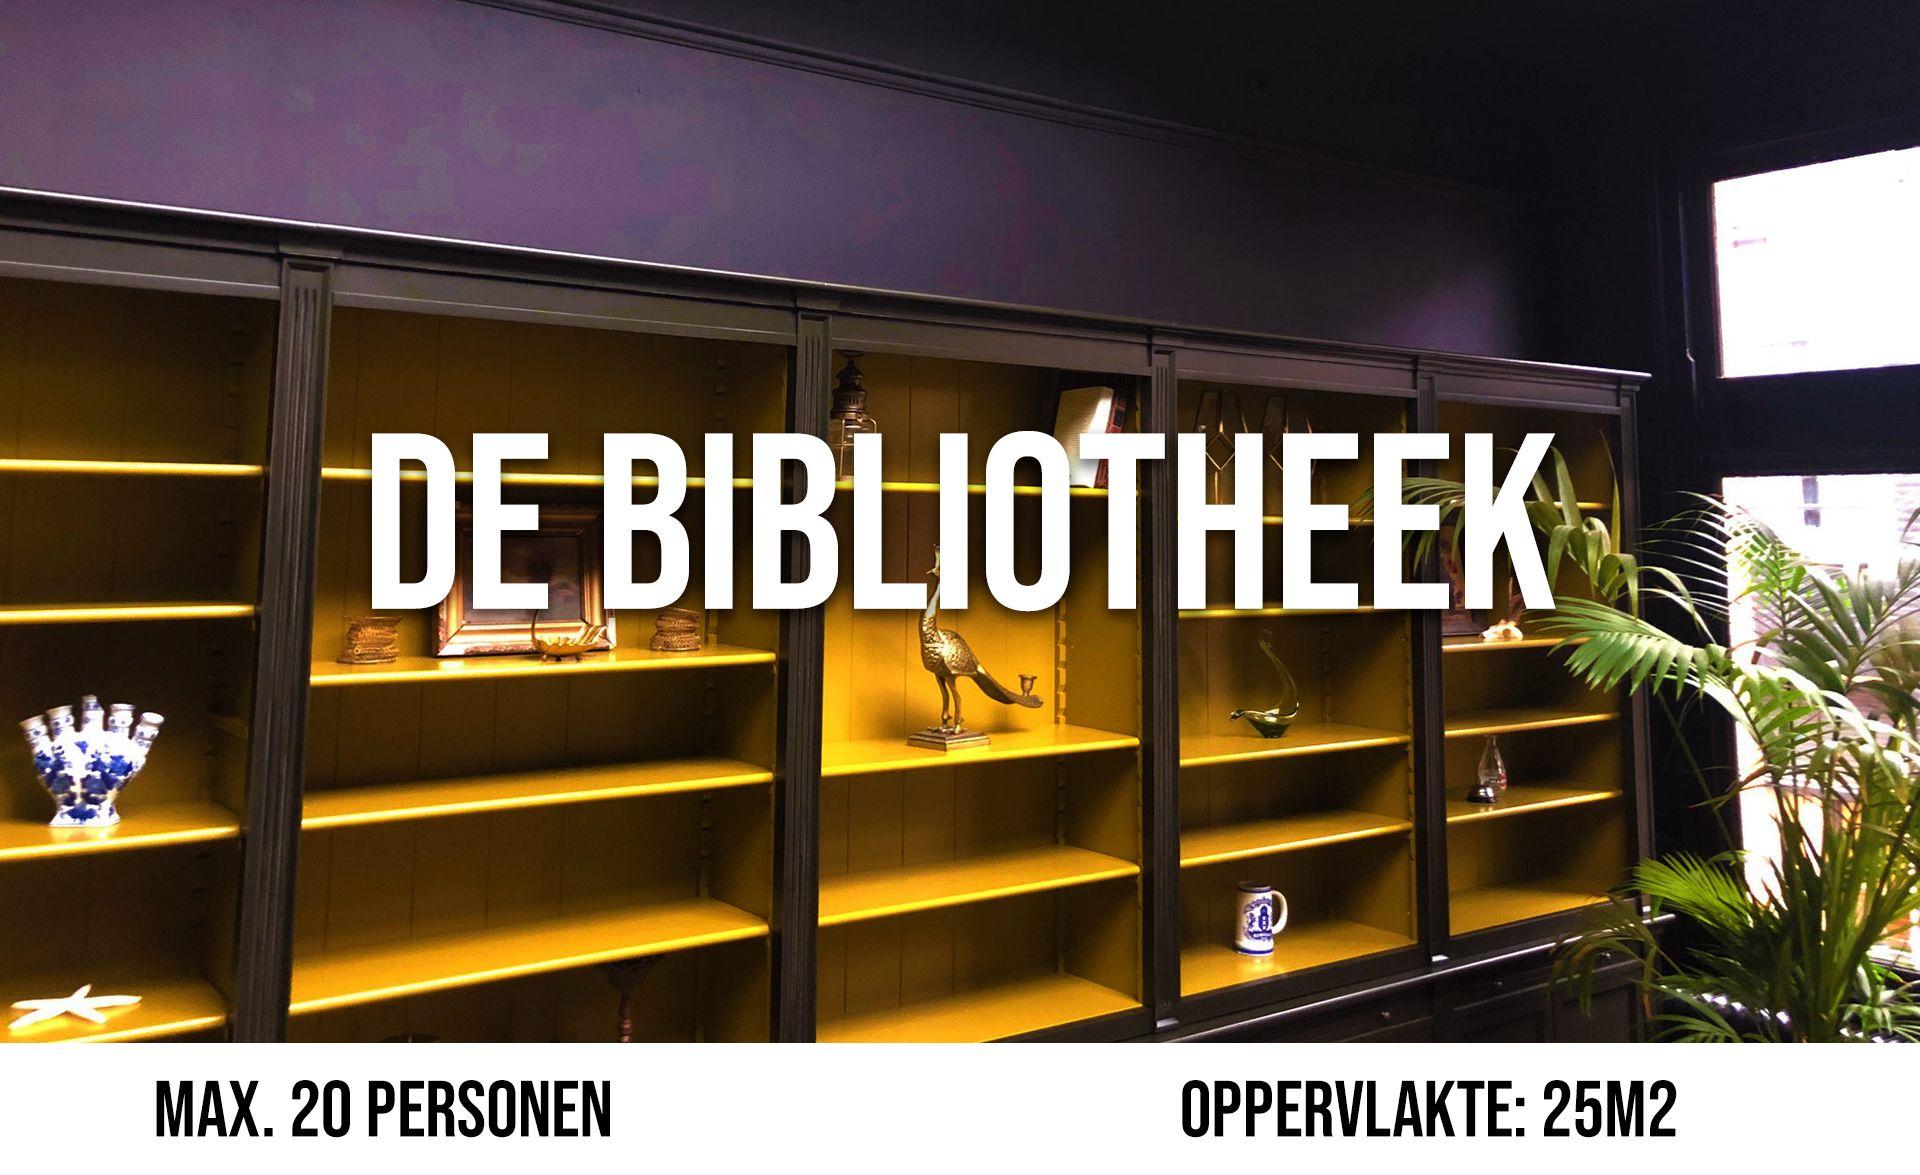 De Bibliotheek (maximaal 20 personen, oppervlakte 25 m²)